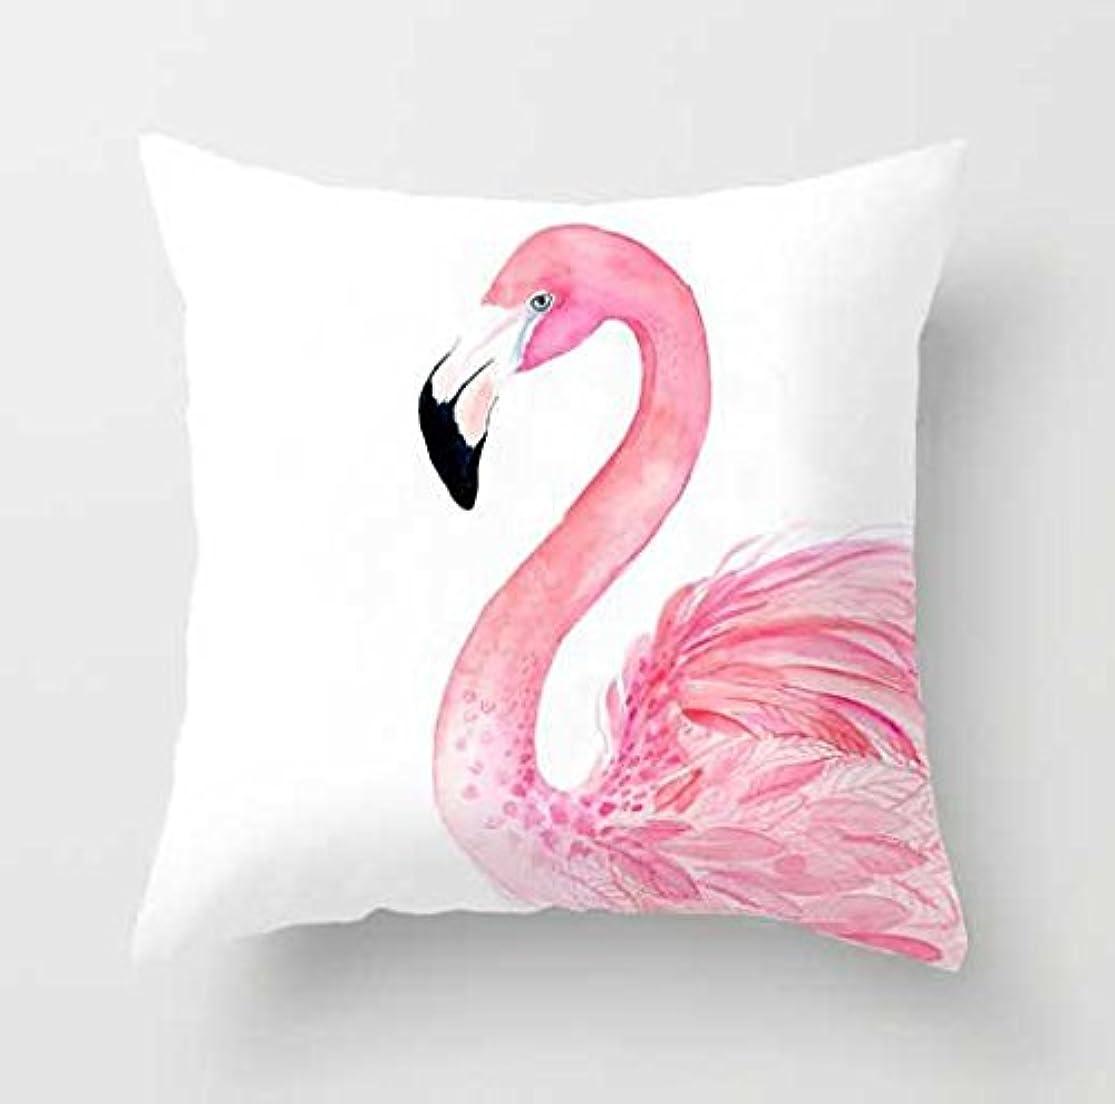 さらに規範快適LIFE 新しいぬいぐるみピンクフラミンゴクッションガチョウの羽風船幾何北欧家の装飾ソファスロー枕用女の子ルーム装飾 クッション 椅子